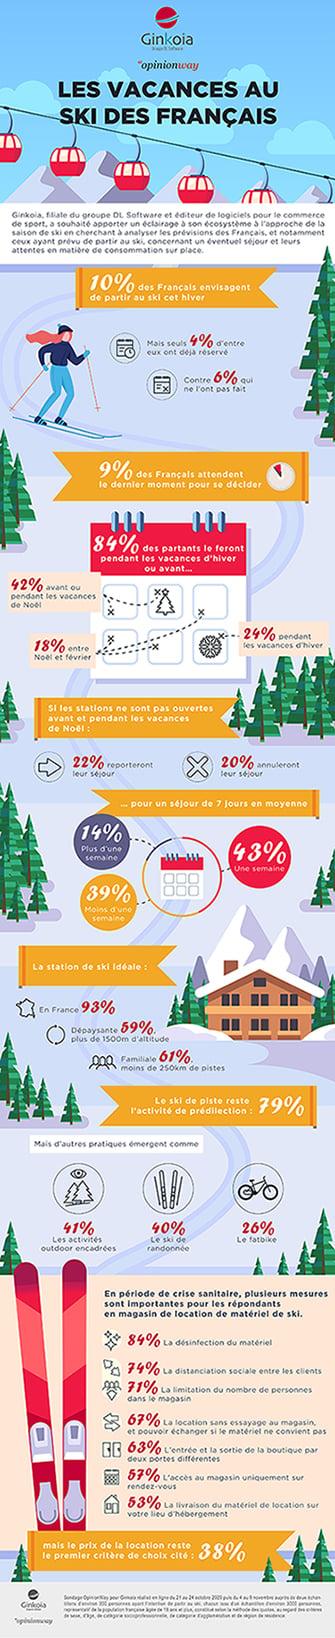 infographie les francais et le ski pour la saison 2020 2021